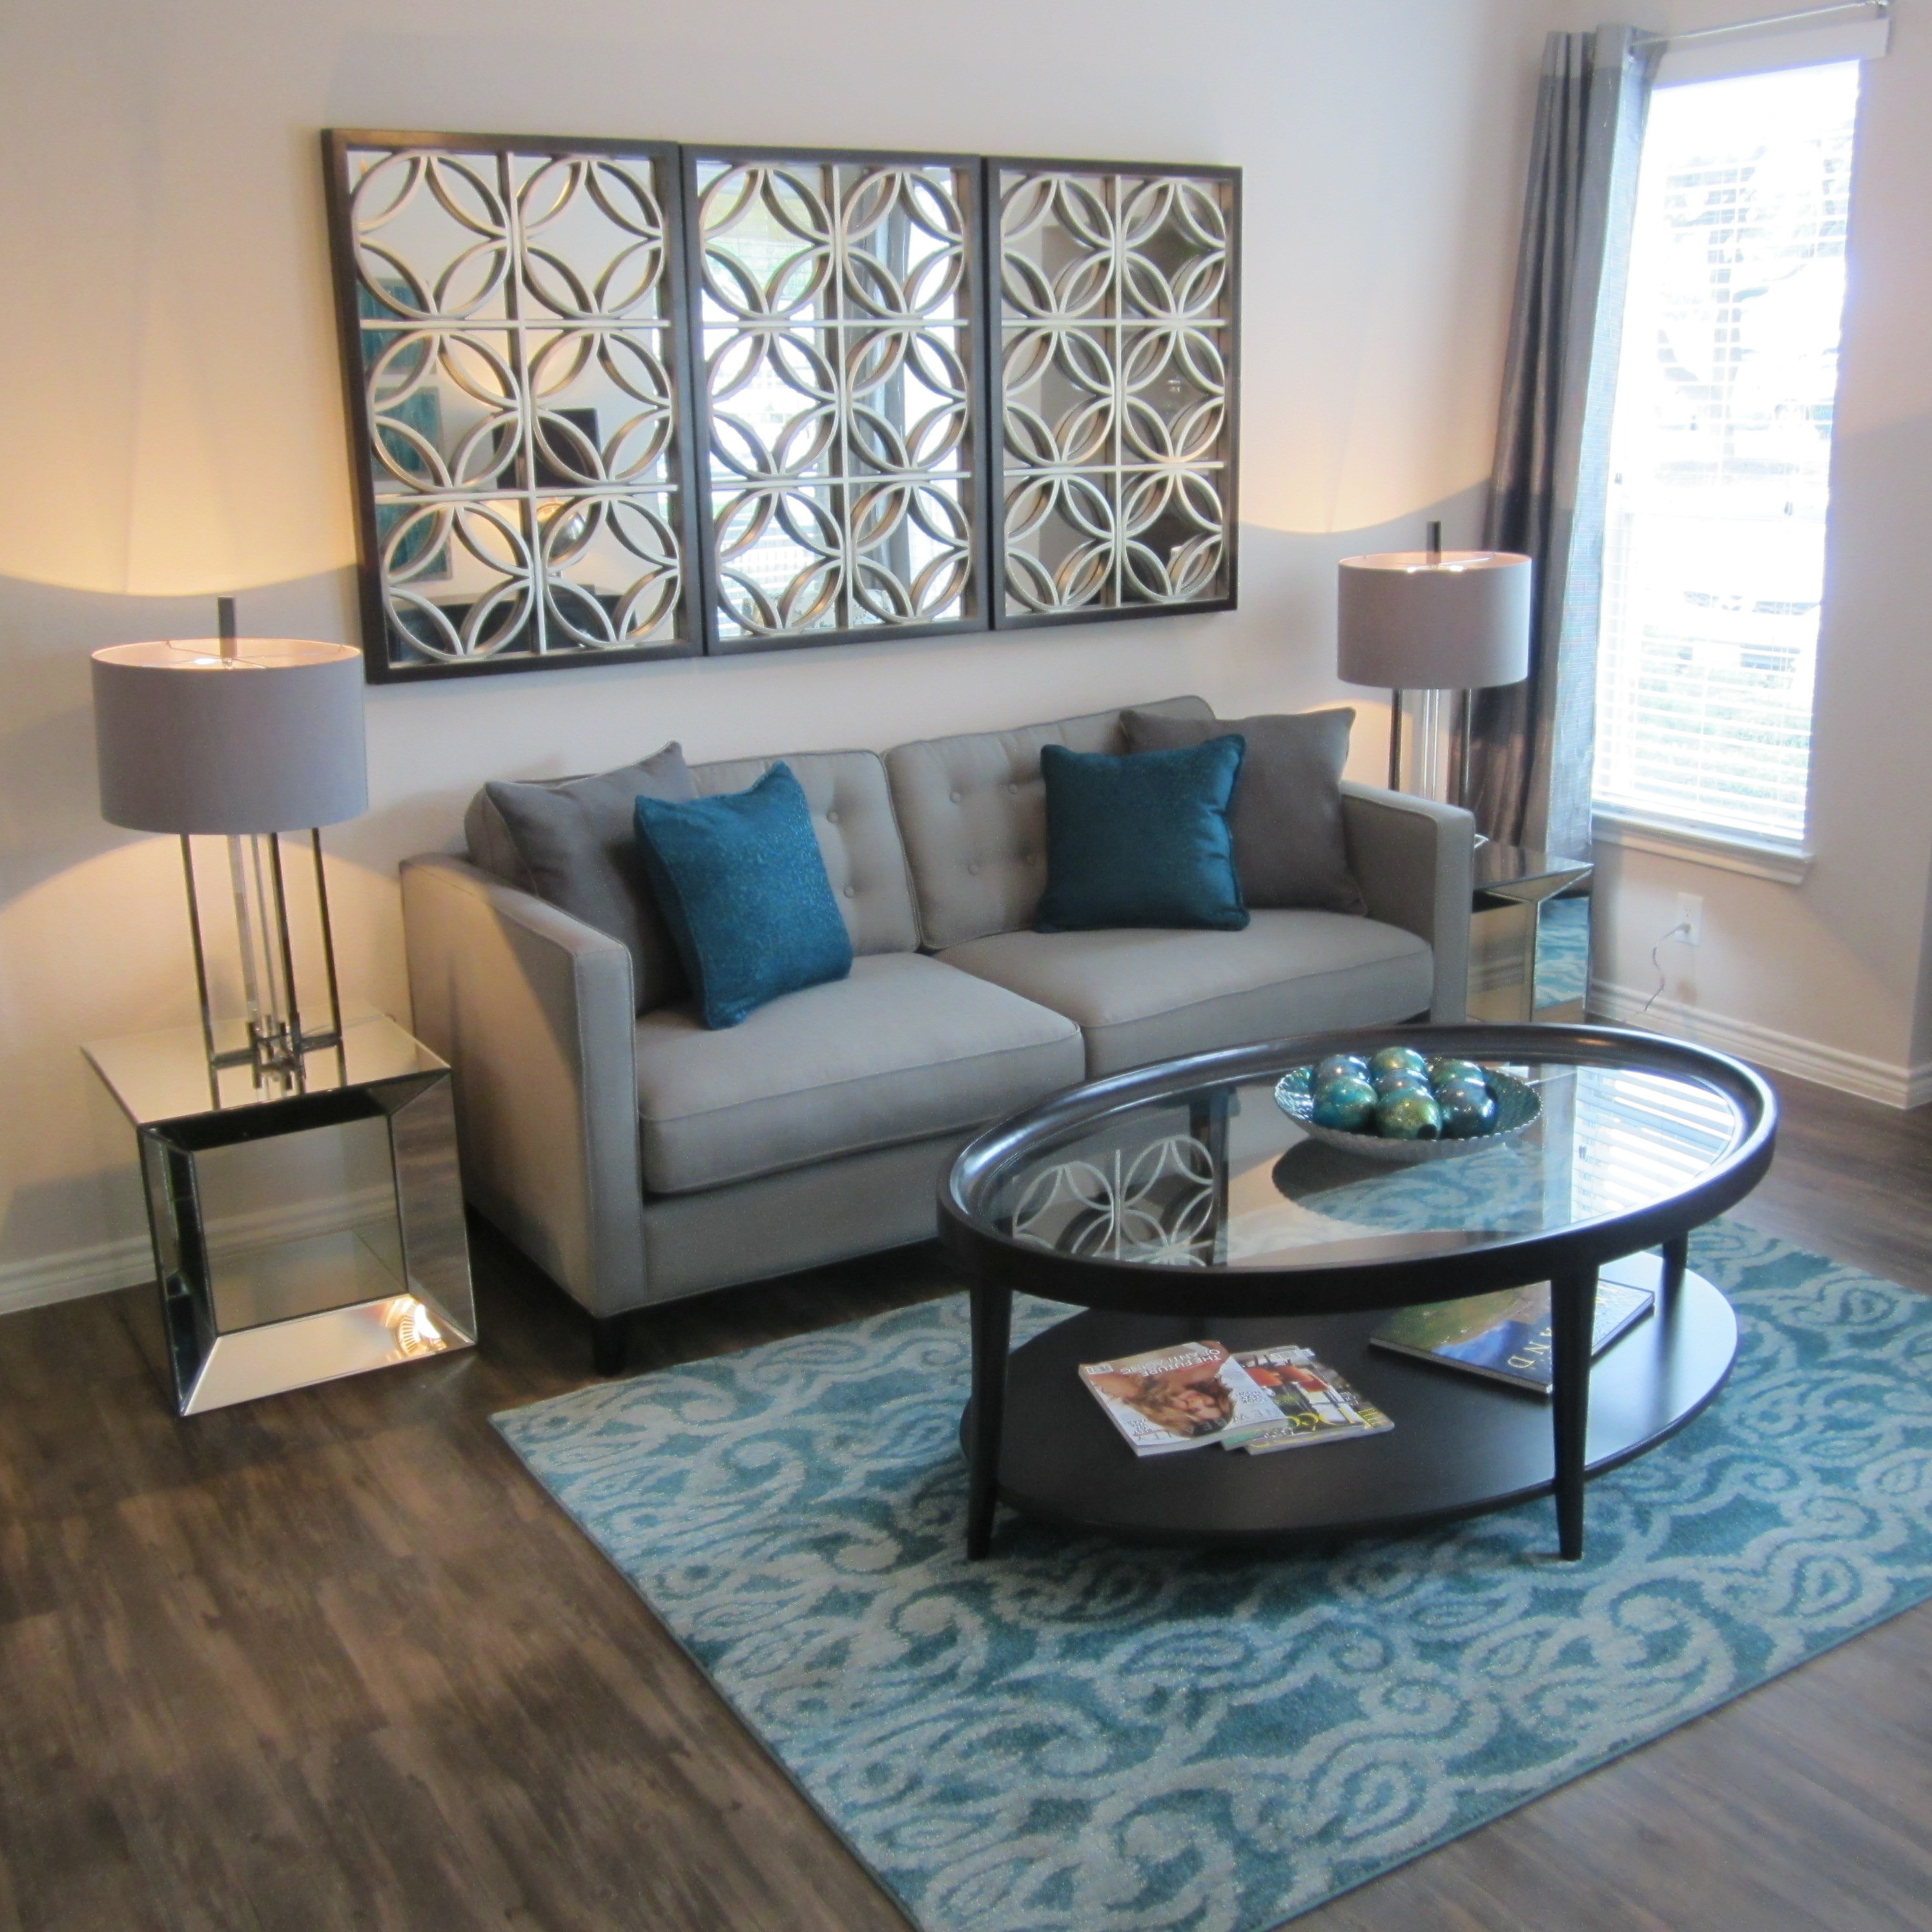 Signature Pointe Apartments: Signature Ridge Apartments, San Antonio Texas (TX